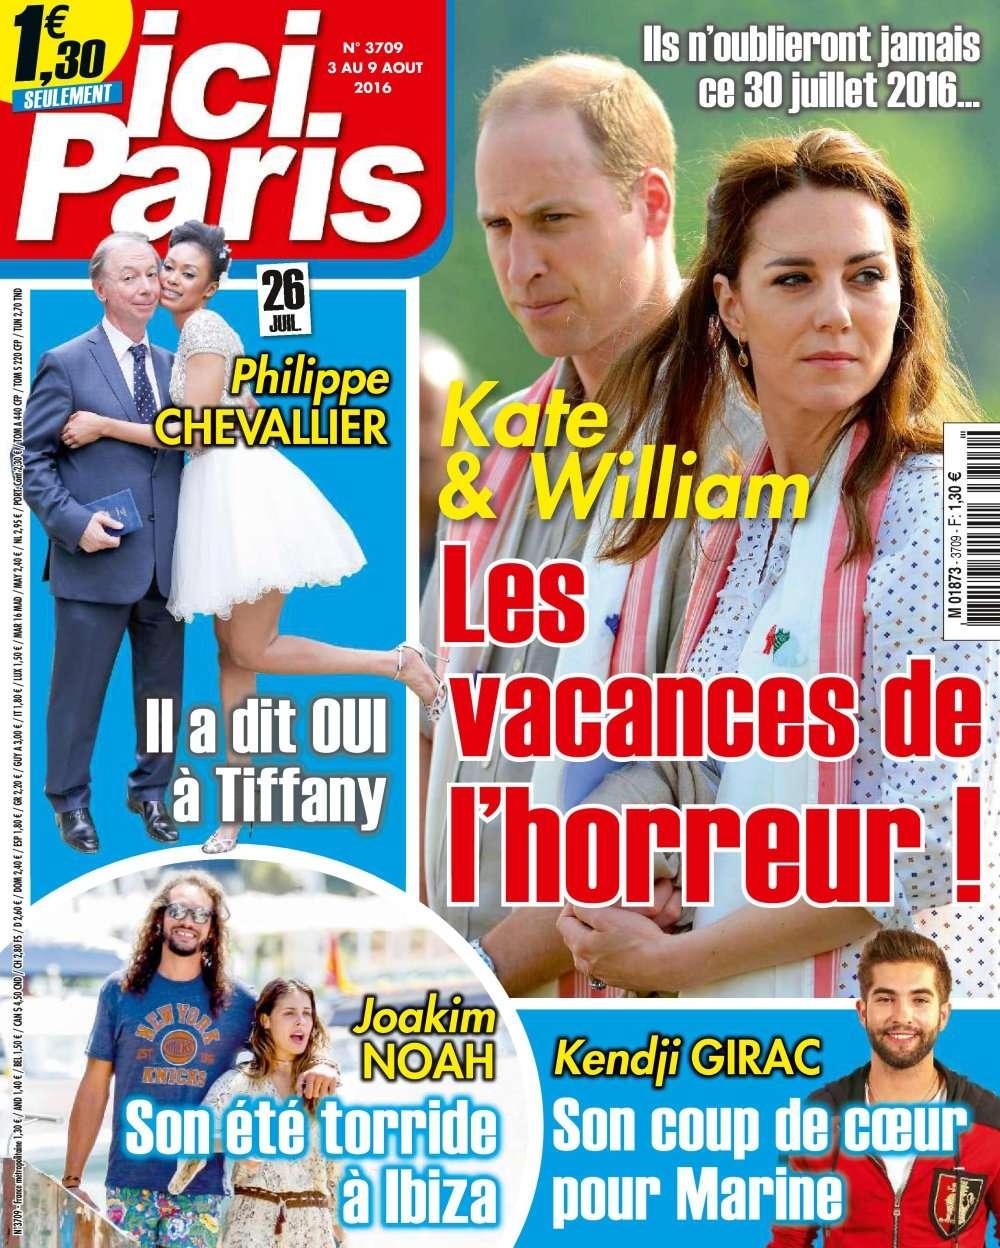 Ici Paris 3709 - 3 au 9 Août 2016